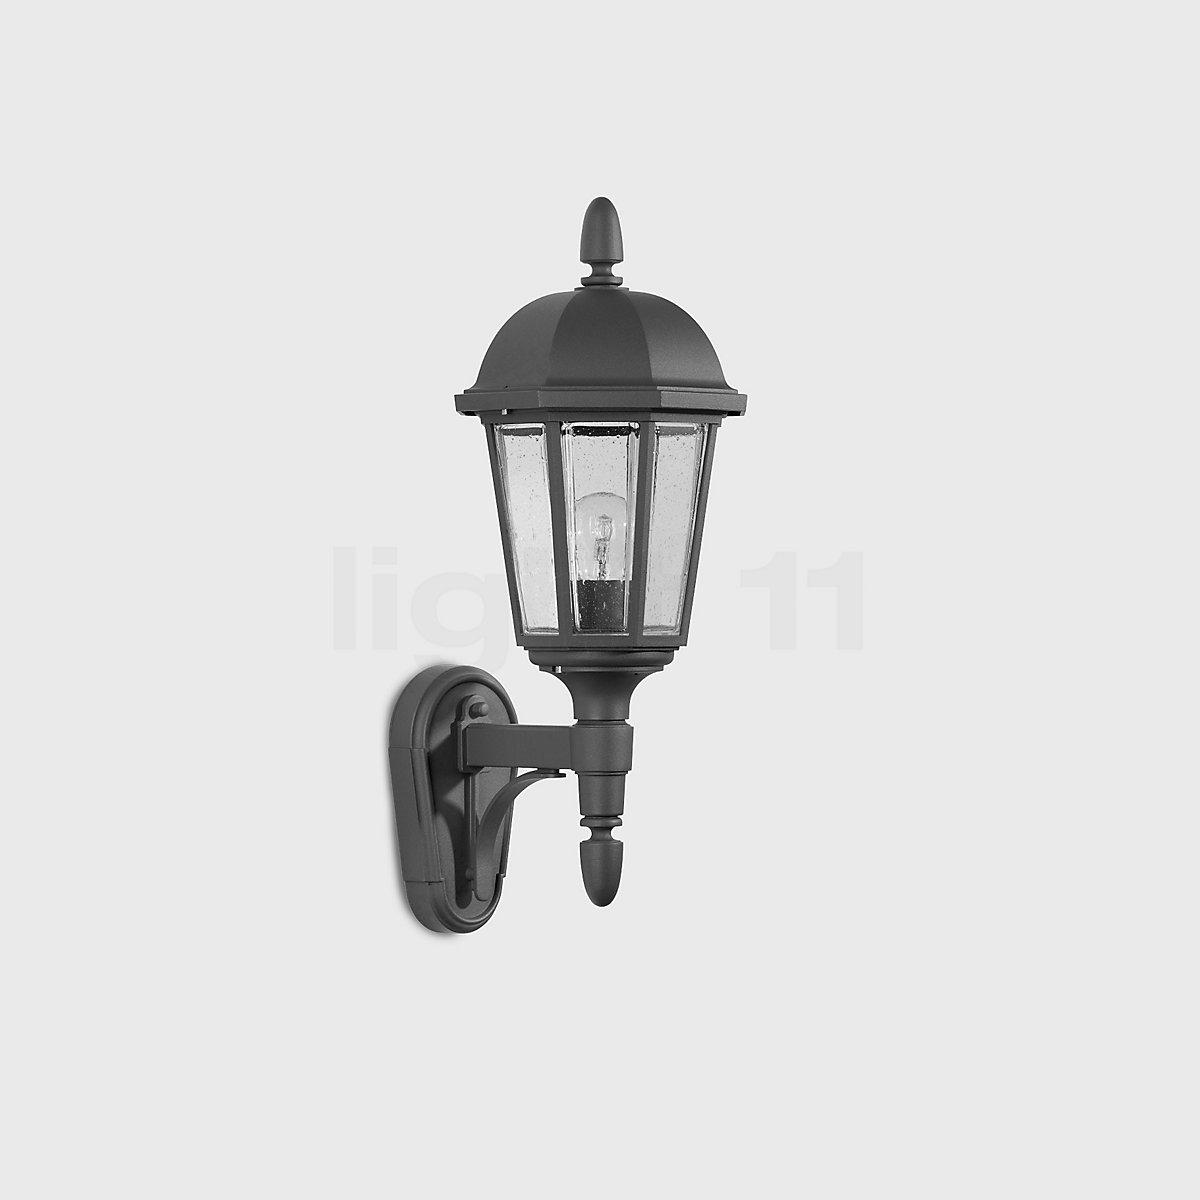 Lampade Da Parete Con Braccio bega brügge lampada da parete con braccio a parete